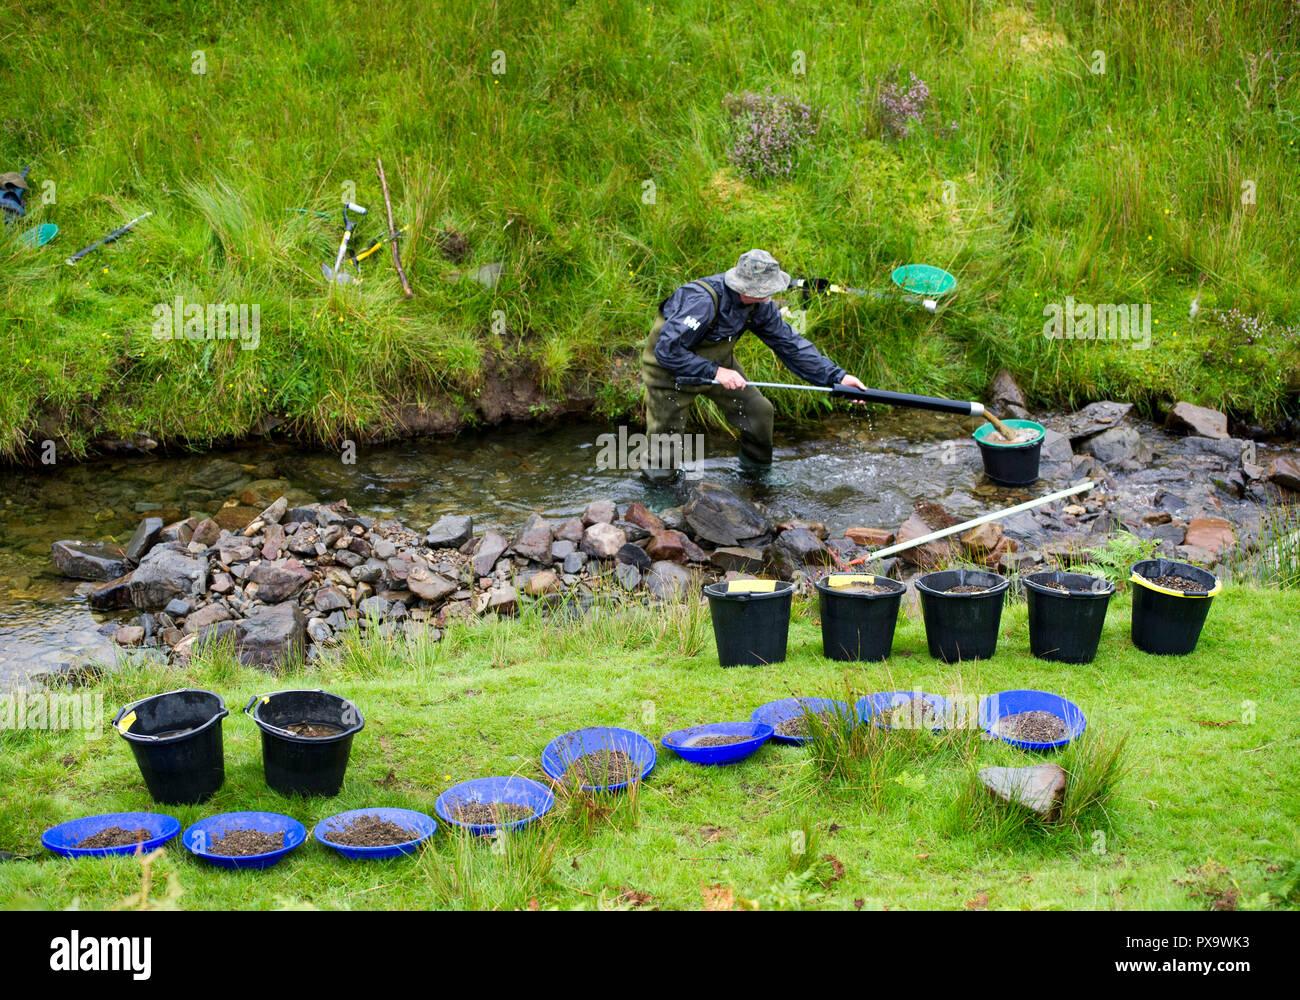 Cours de l'or à la batée pour les visiteurs et les touristes sur l'eau près de Wanlockhead Mennock, en Écosse. Photo Stock